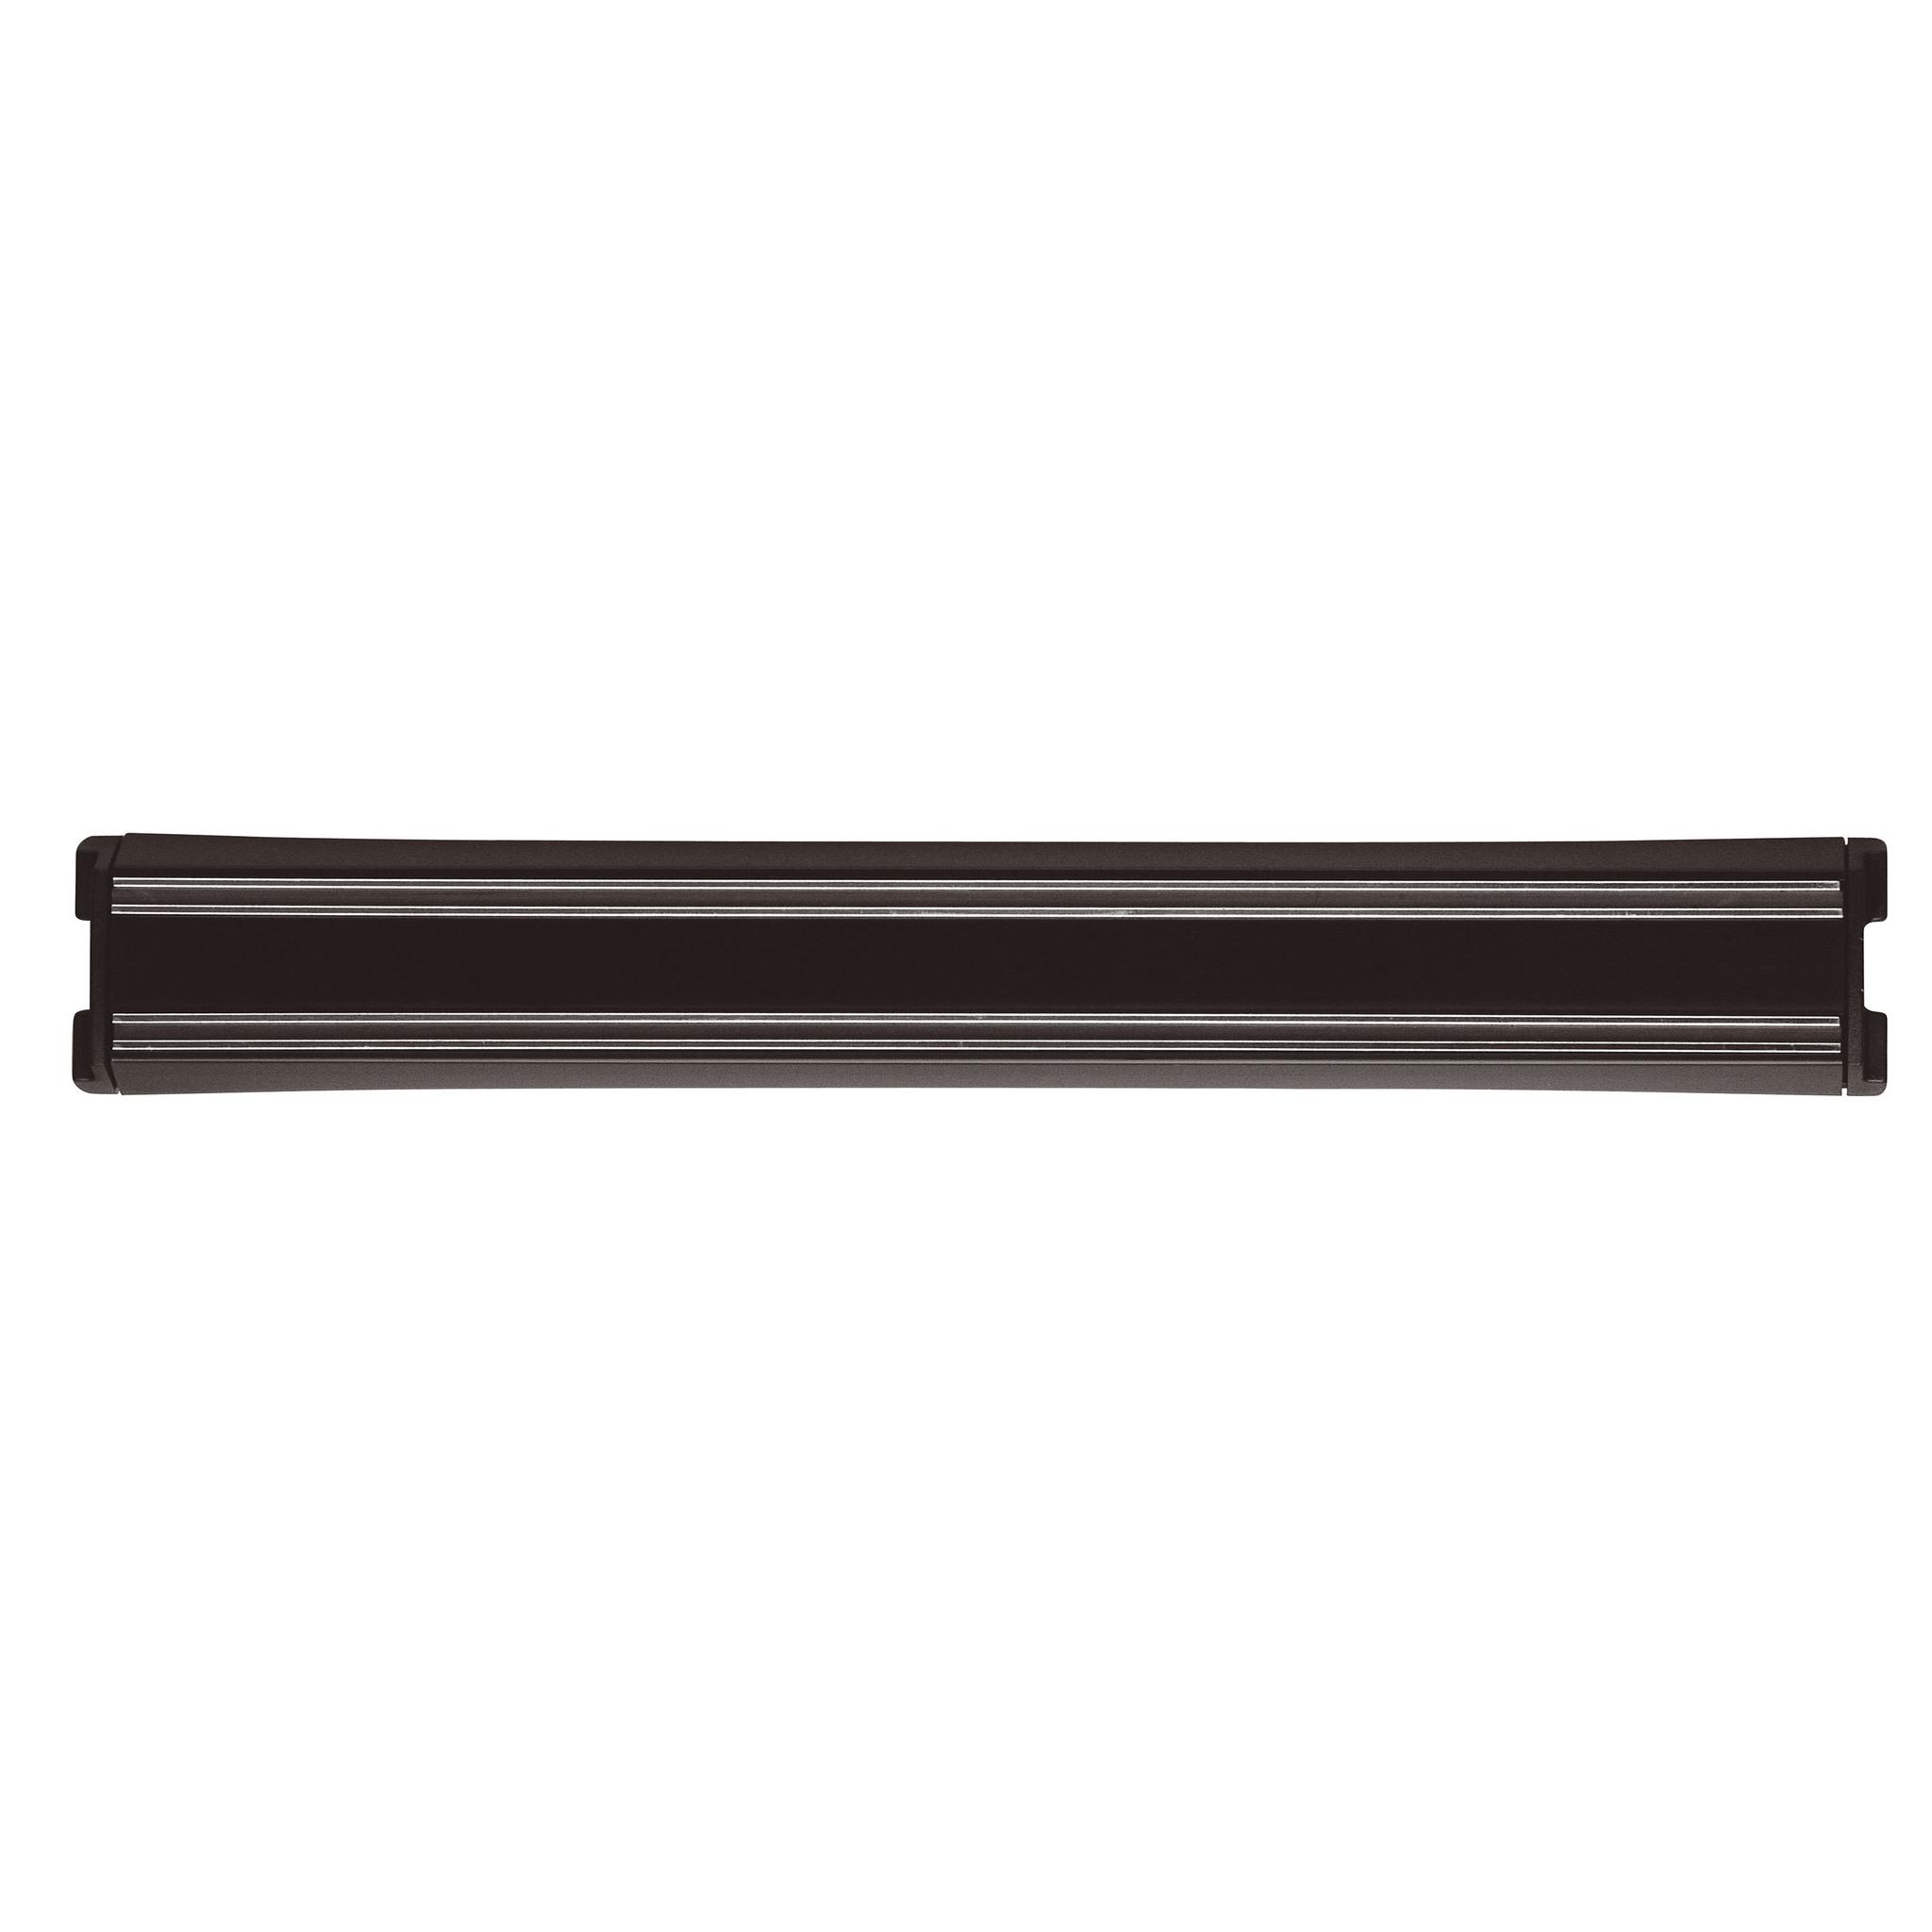 Держатель для кухонных ножей магнитный пластиковый, 300 мм Zwilling 32621-300Магнитные держатели для ножей<br>Держатель для кухонных ножей магнитный пластиковый, 300 мм Zwilling 32621-300<br><br>Изготовлен: из пластика с магнитными вставками. В комплект входит крепеж.<br>Применение: Держатель предназначен для удобного и надежного хранения кухонных ножей.<br>